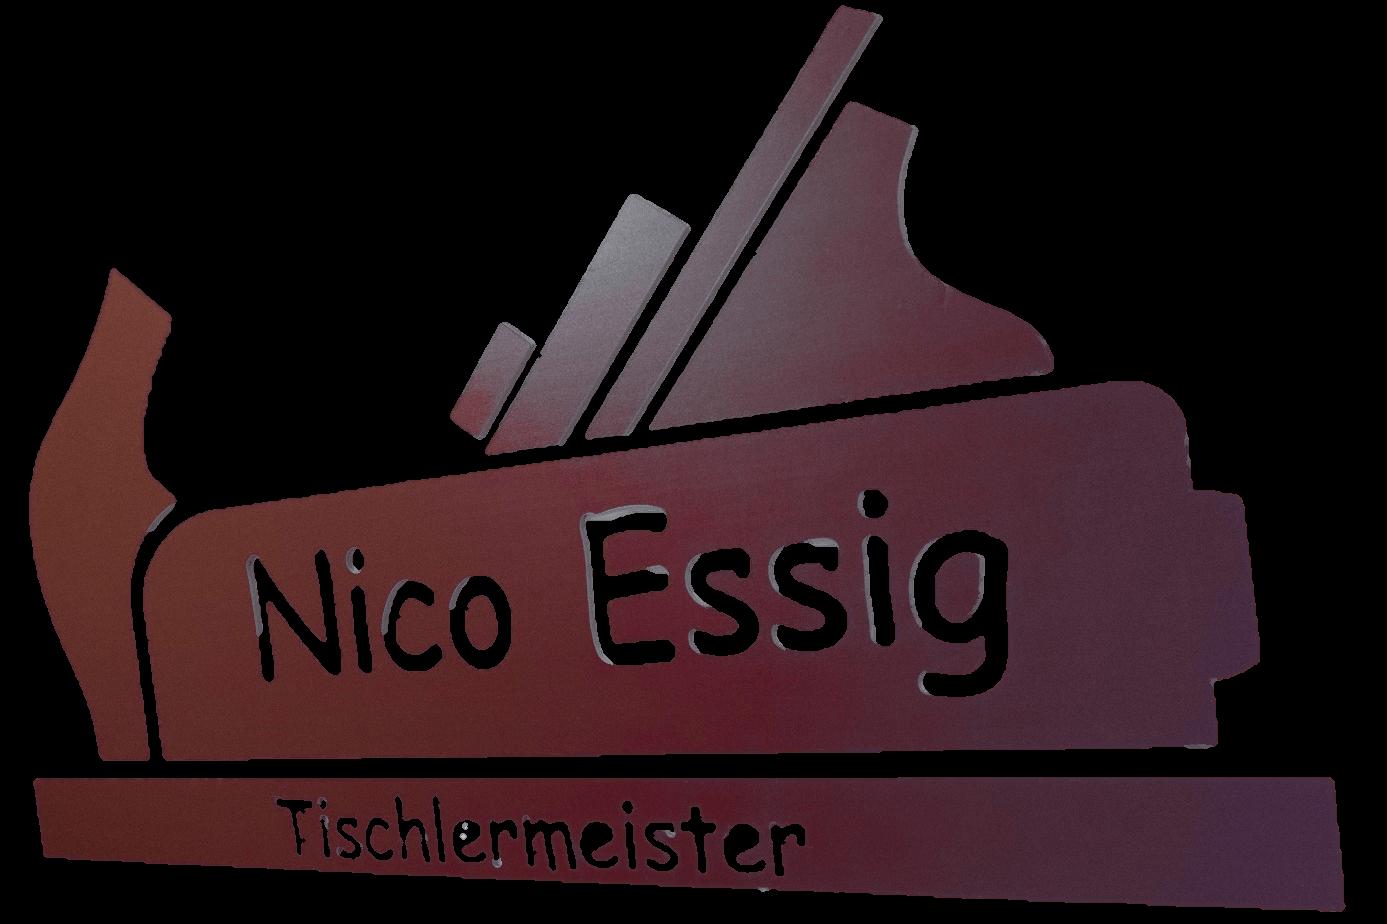 Tischlerei Nico Essig